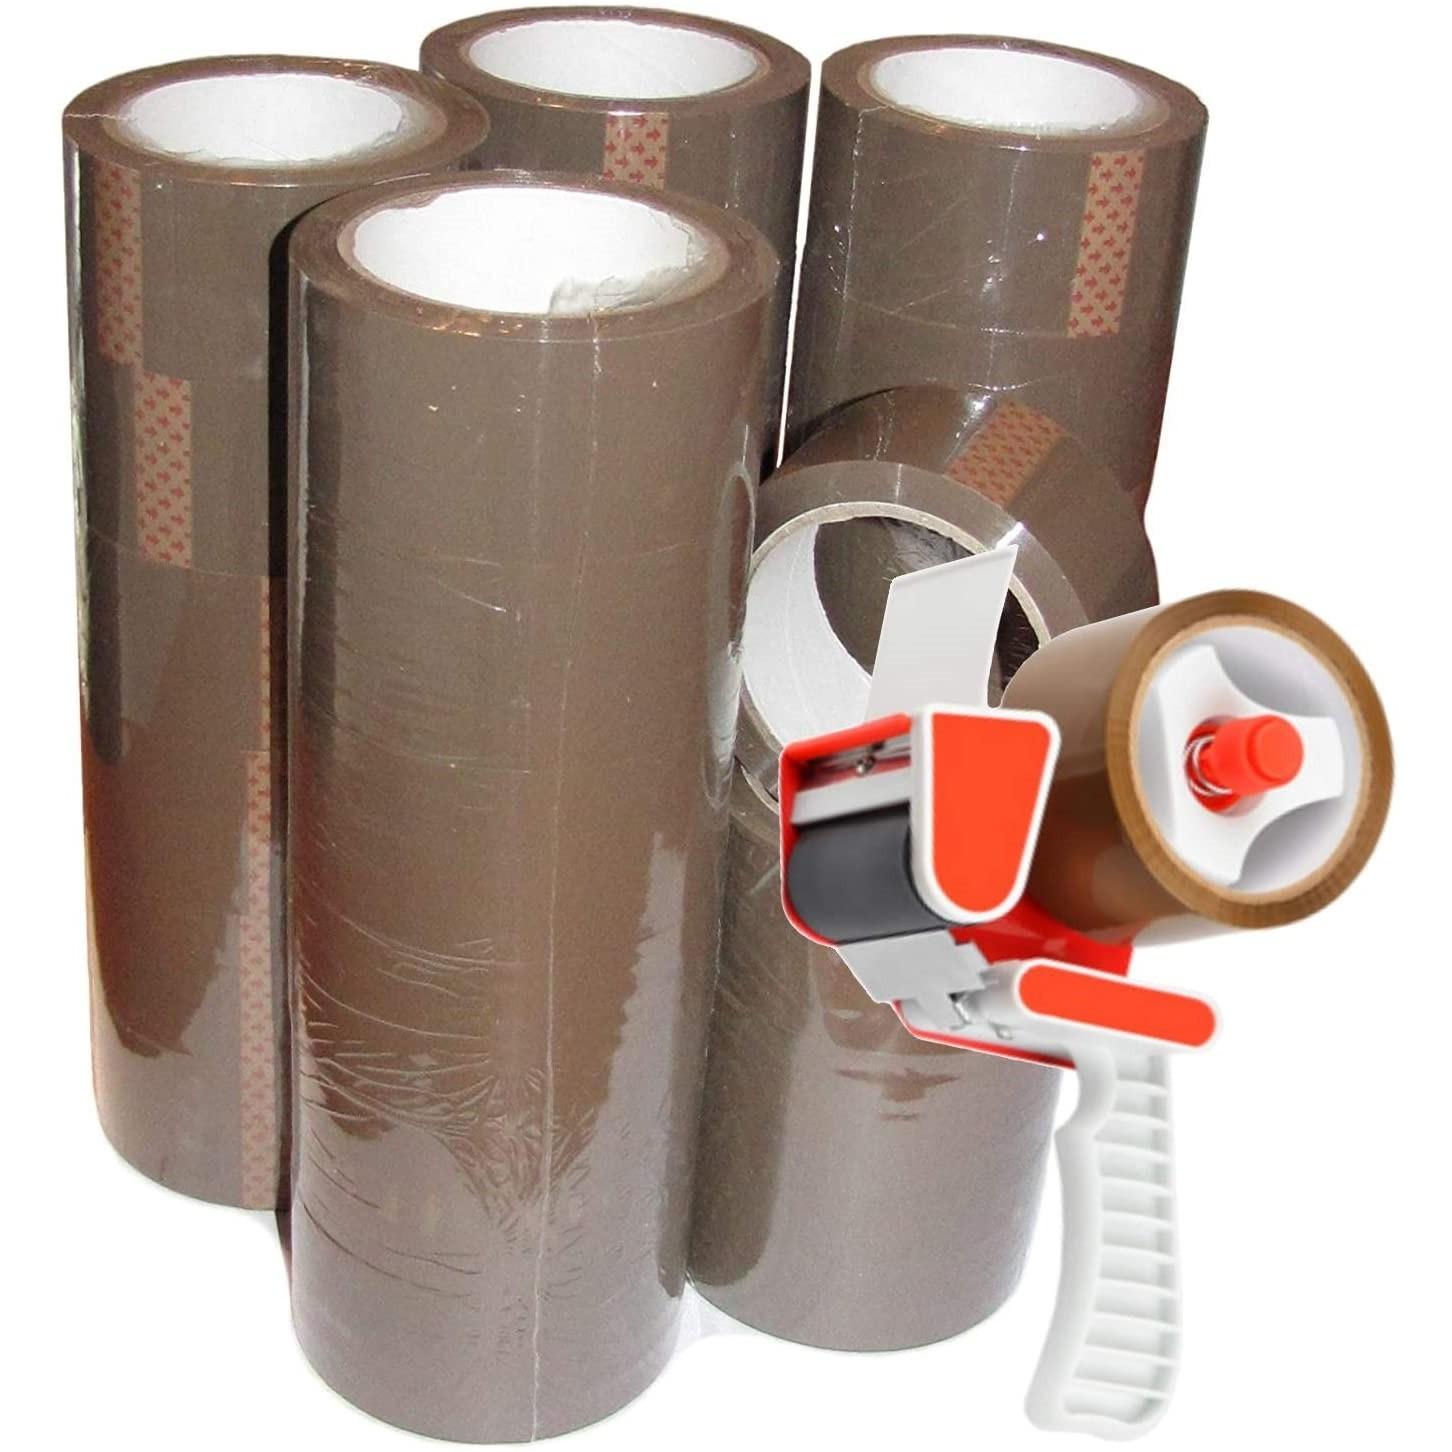 50 rotoli nastro adesivo con dispender